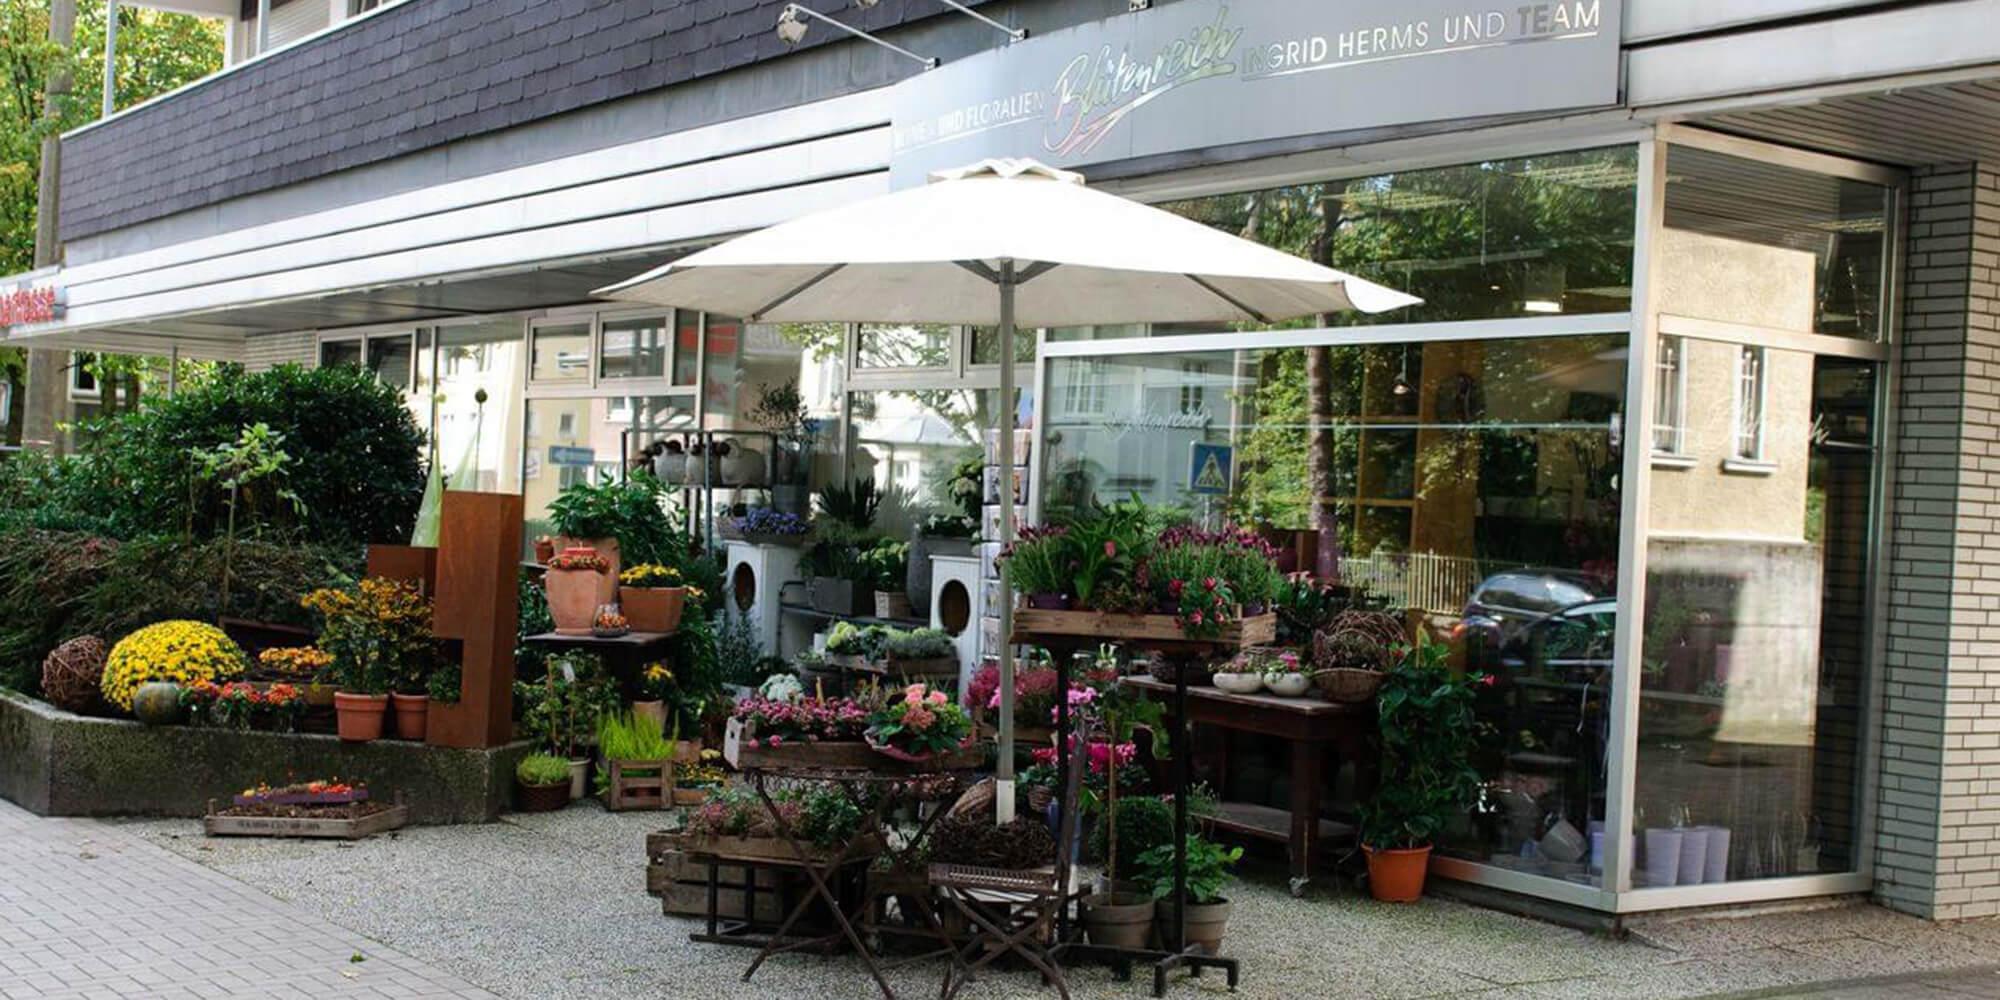 Das Ladenlokal von Blumen und Floristik Blütenreich Herms in Recklinghausen